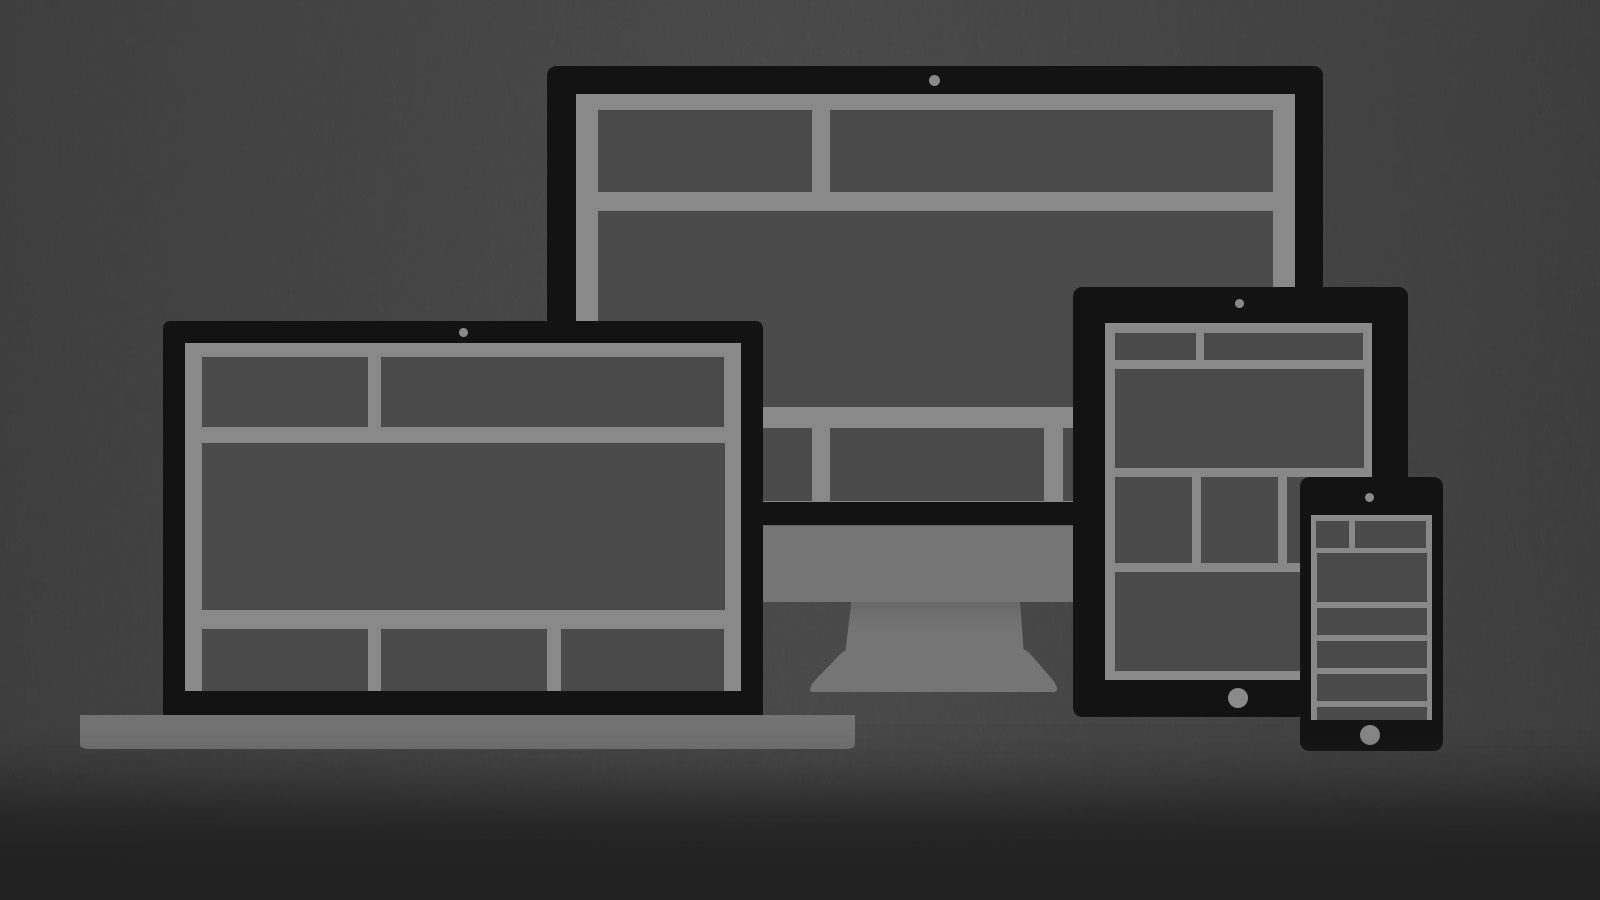 Diseño web adaptable o responsive web design